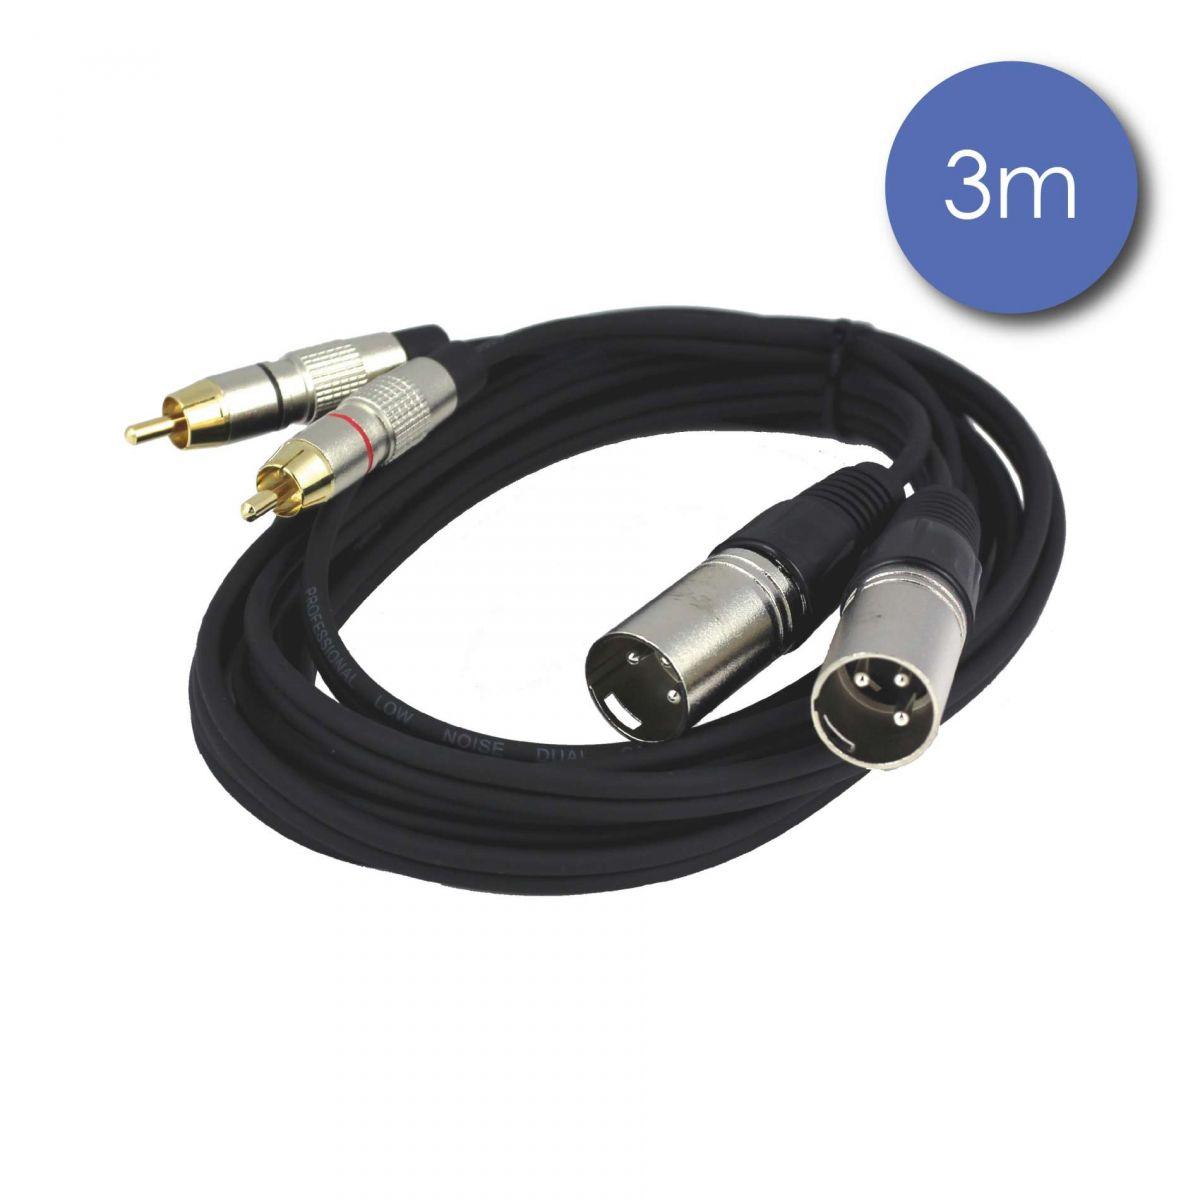 Câbles RCA / XLR - Power Acoustics - Accessoires - CAB 2066